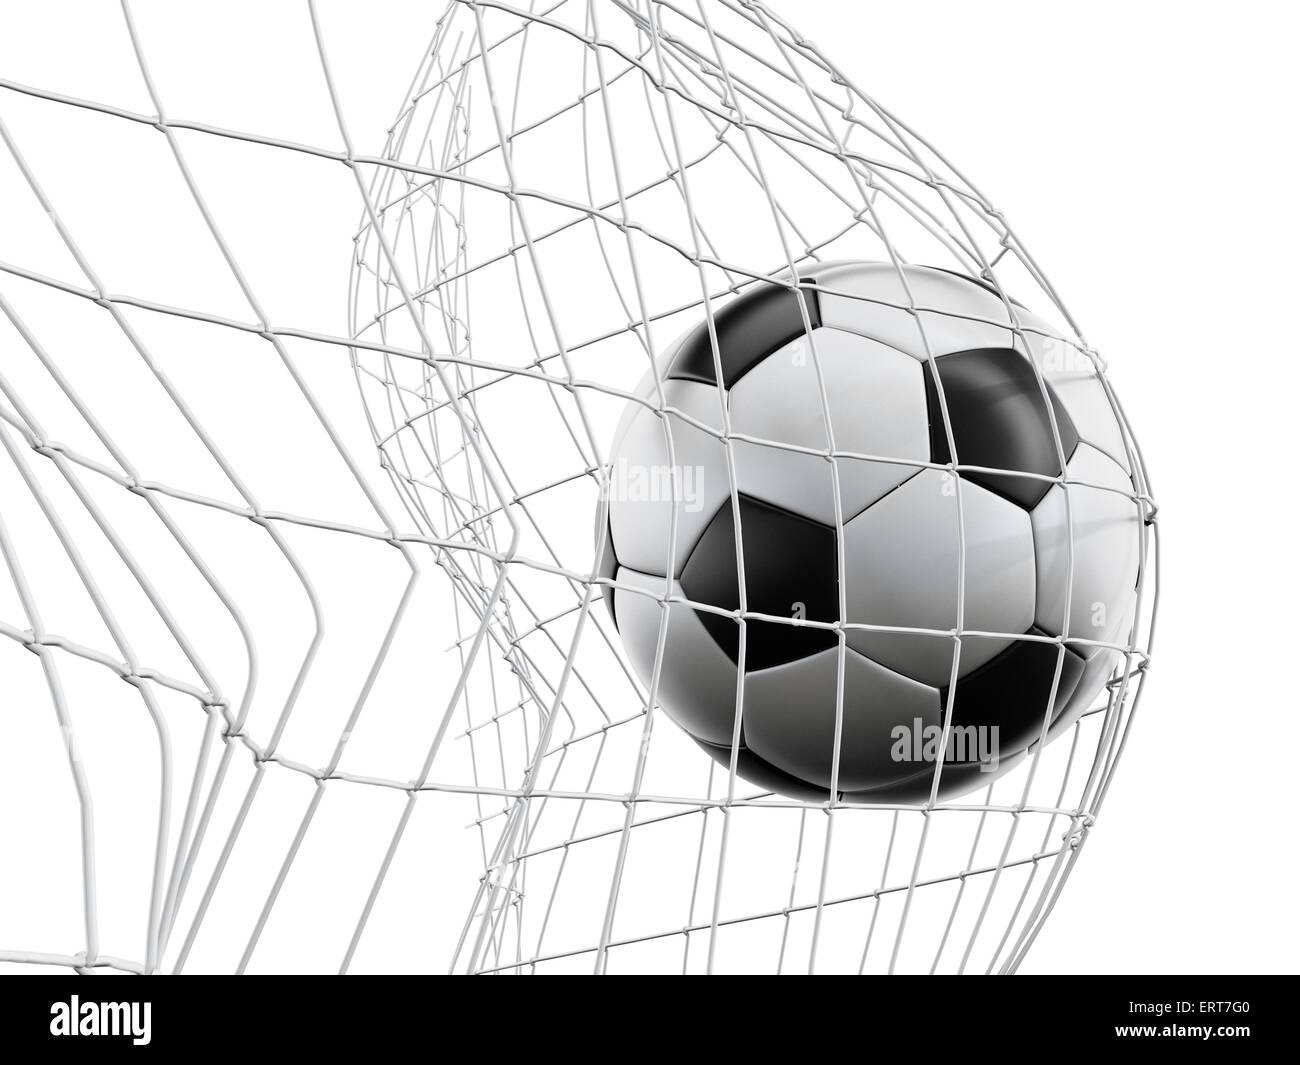 Fußball oder Fußball im Netz isoliert auf weißem Hintergrund Stockbild